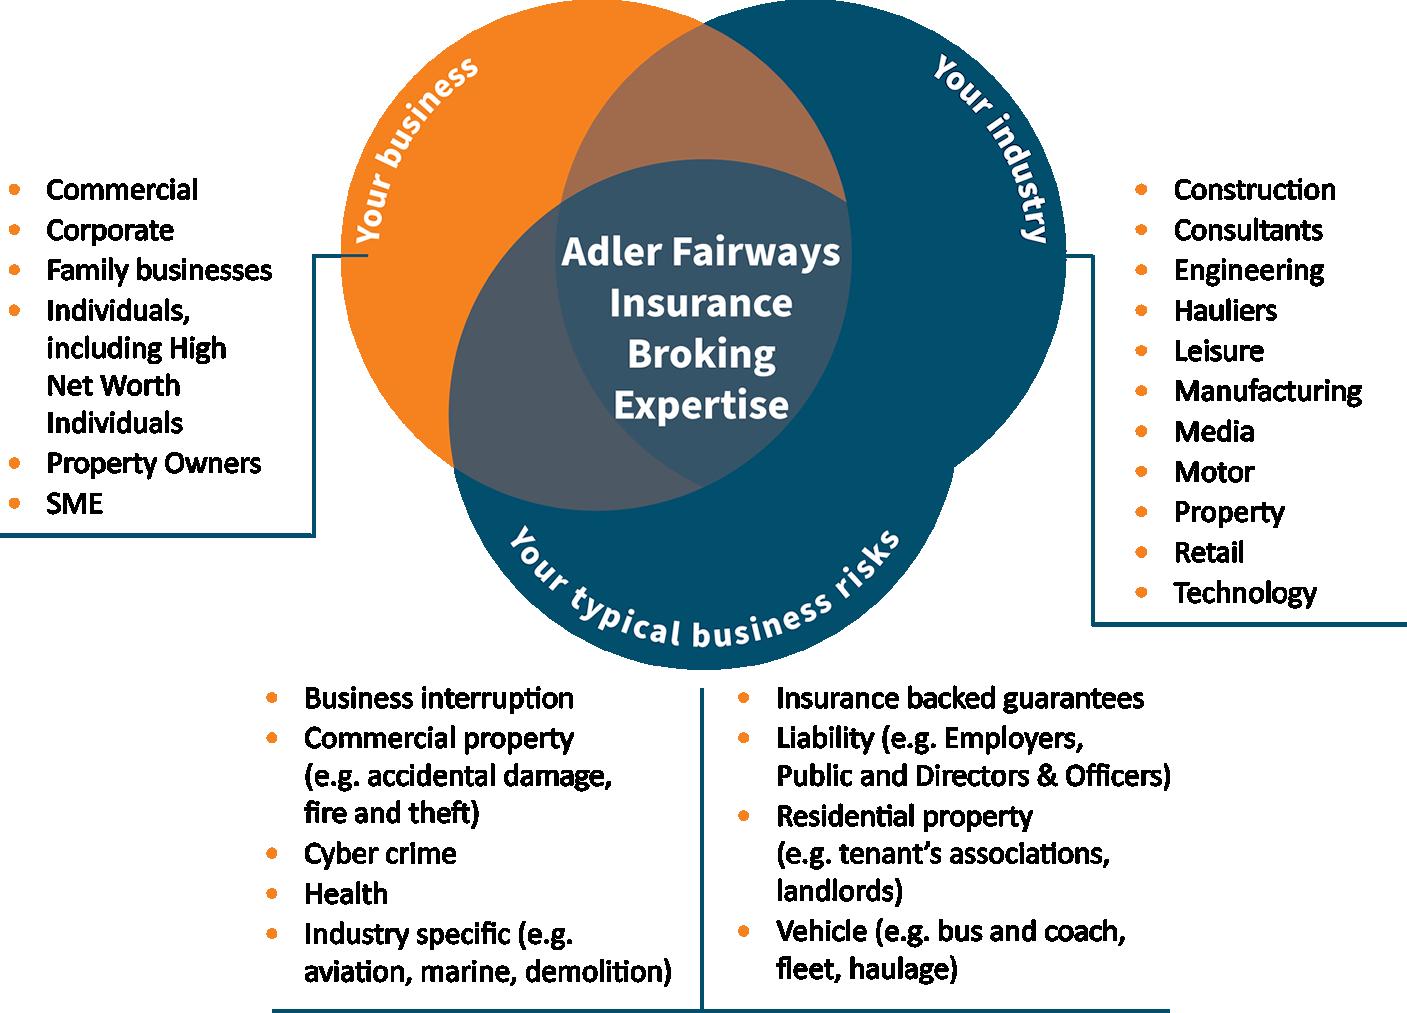 Adler Fairways Insurance Broking Expertise